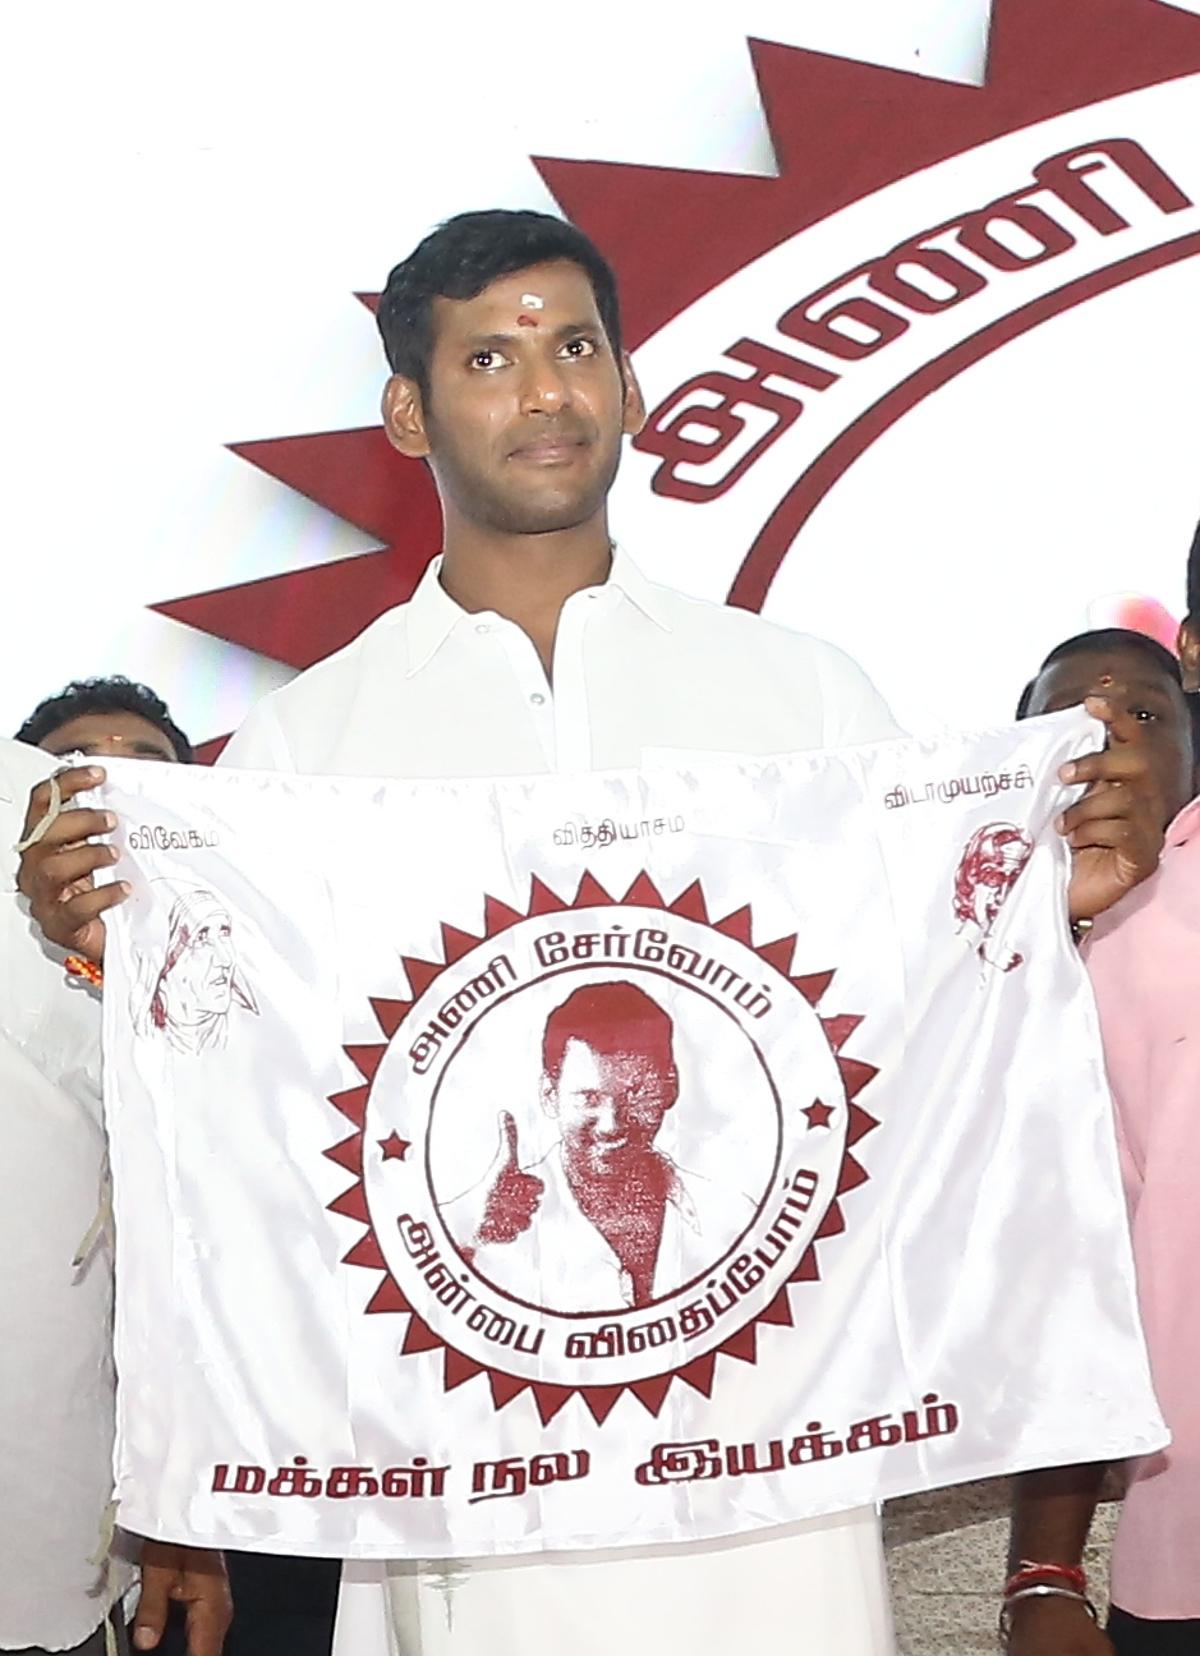 Vishal's big political move Makkal Nala Iyakkam